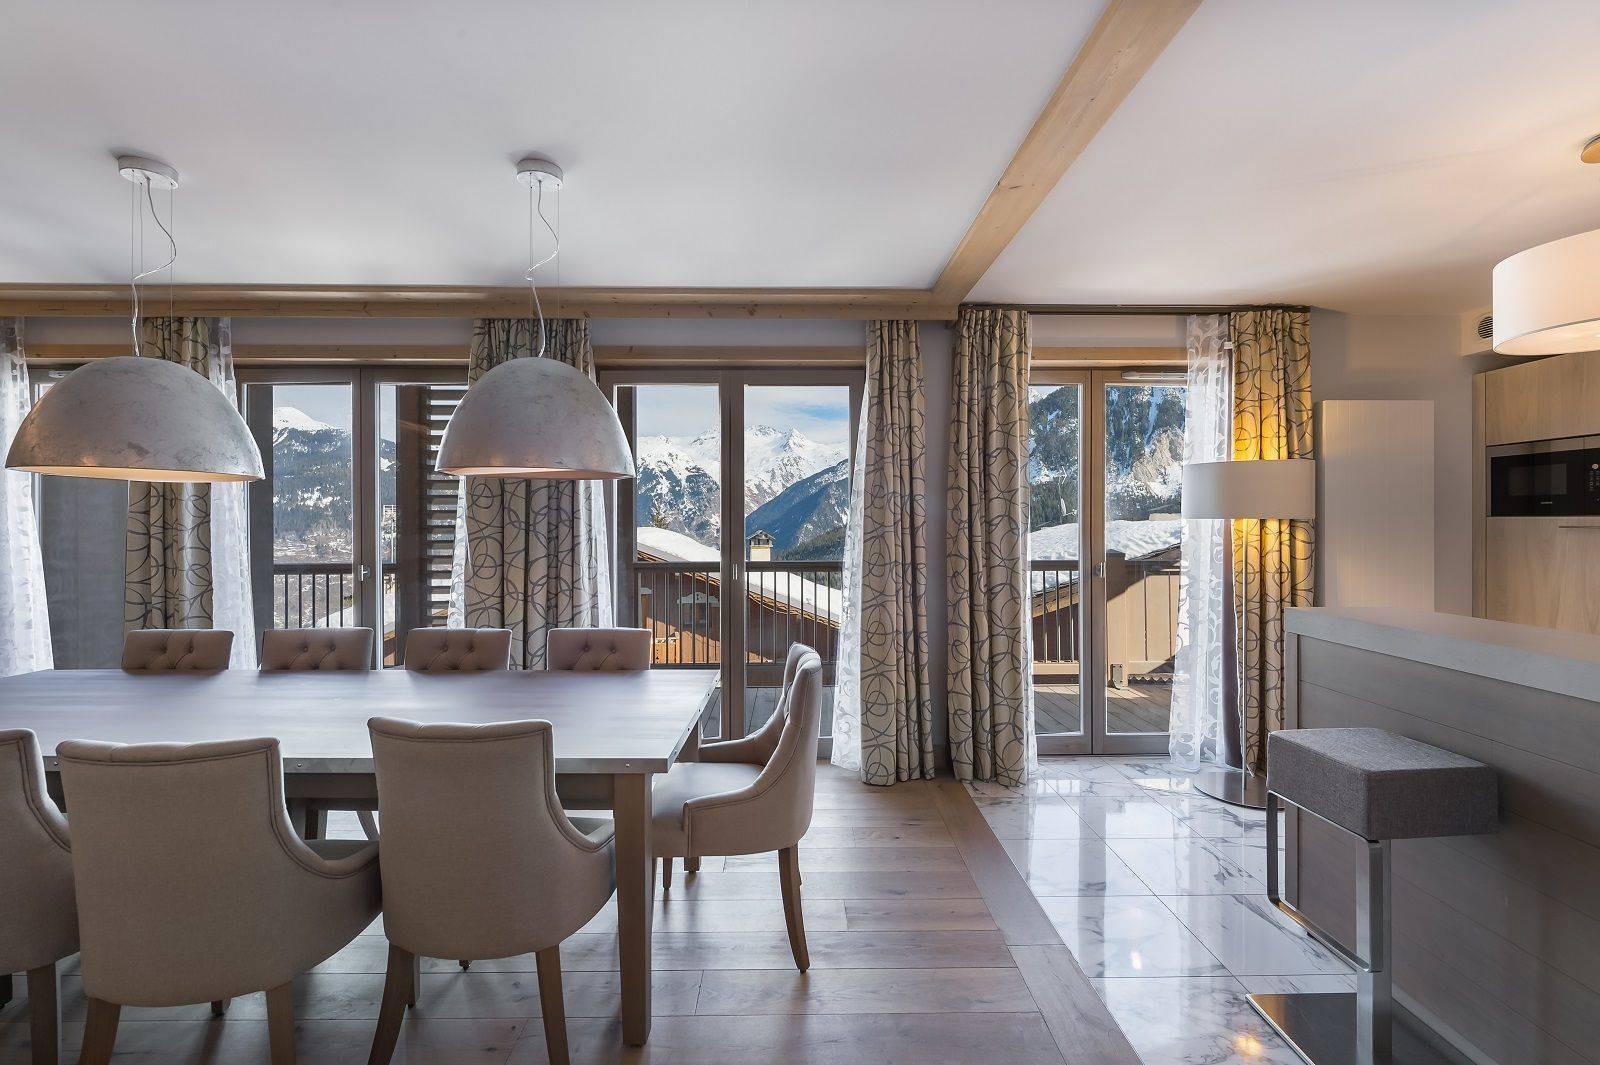 Courchevel 1550 Location Appartement Luxe Telumite Salle A Manger